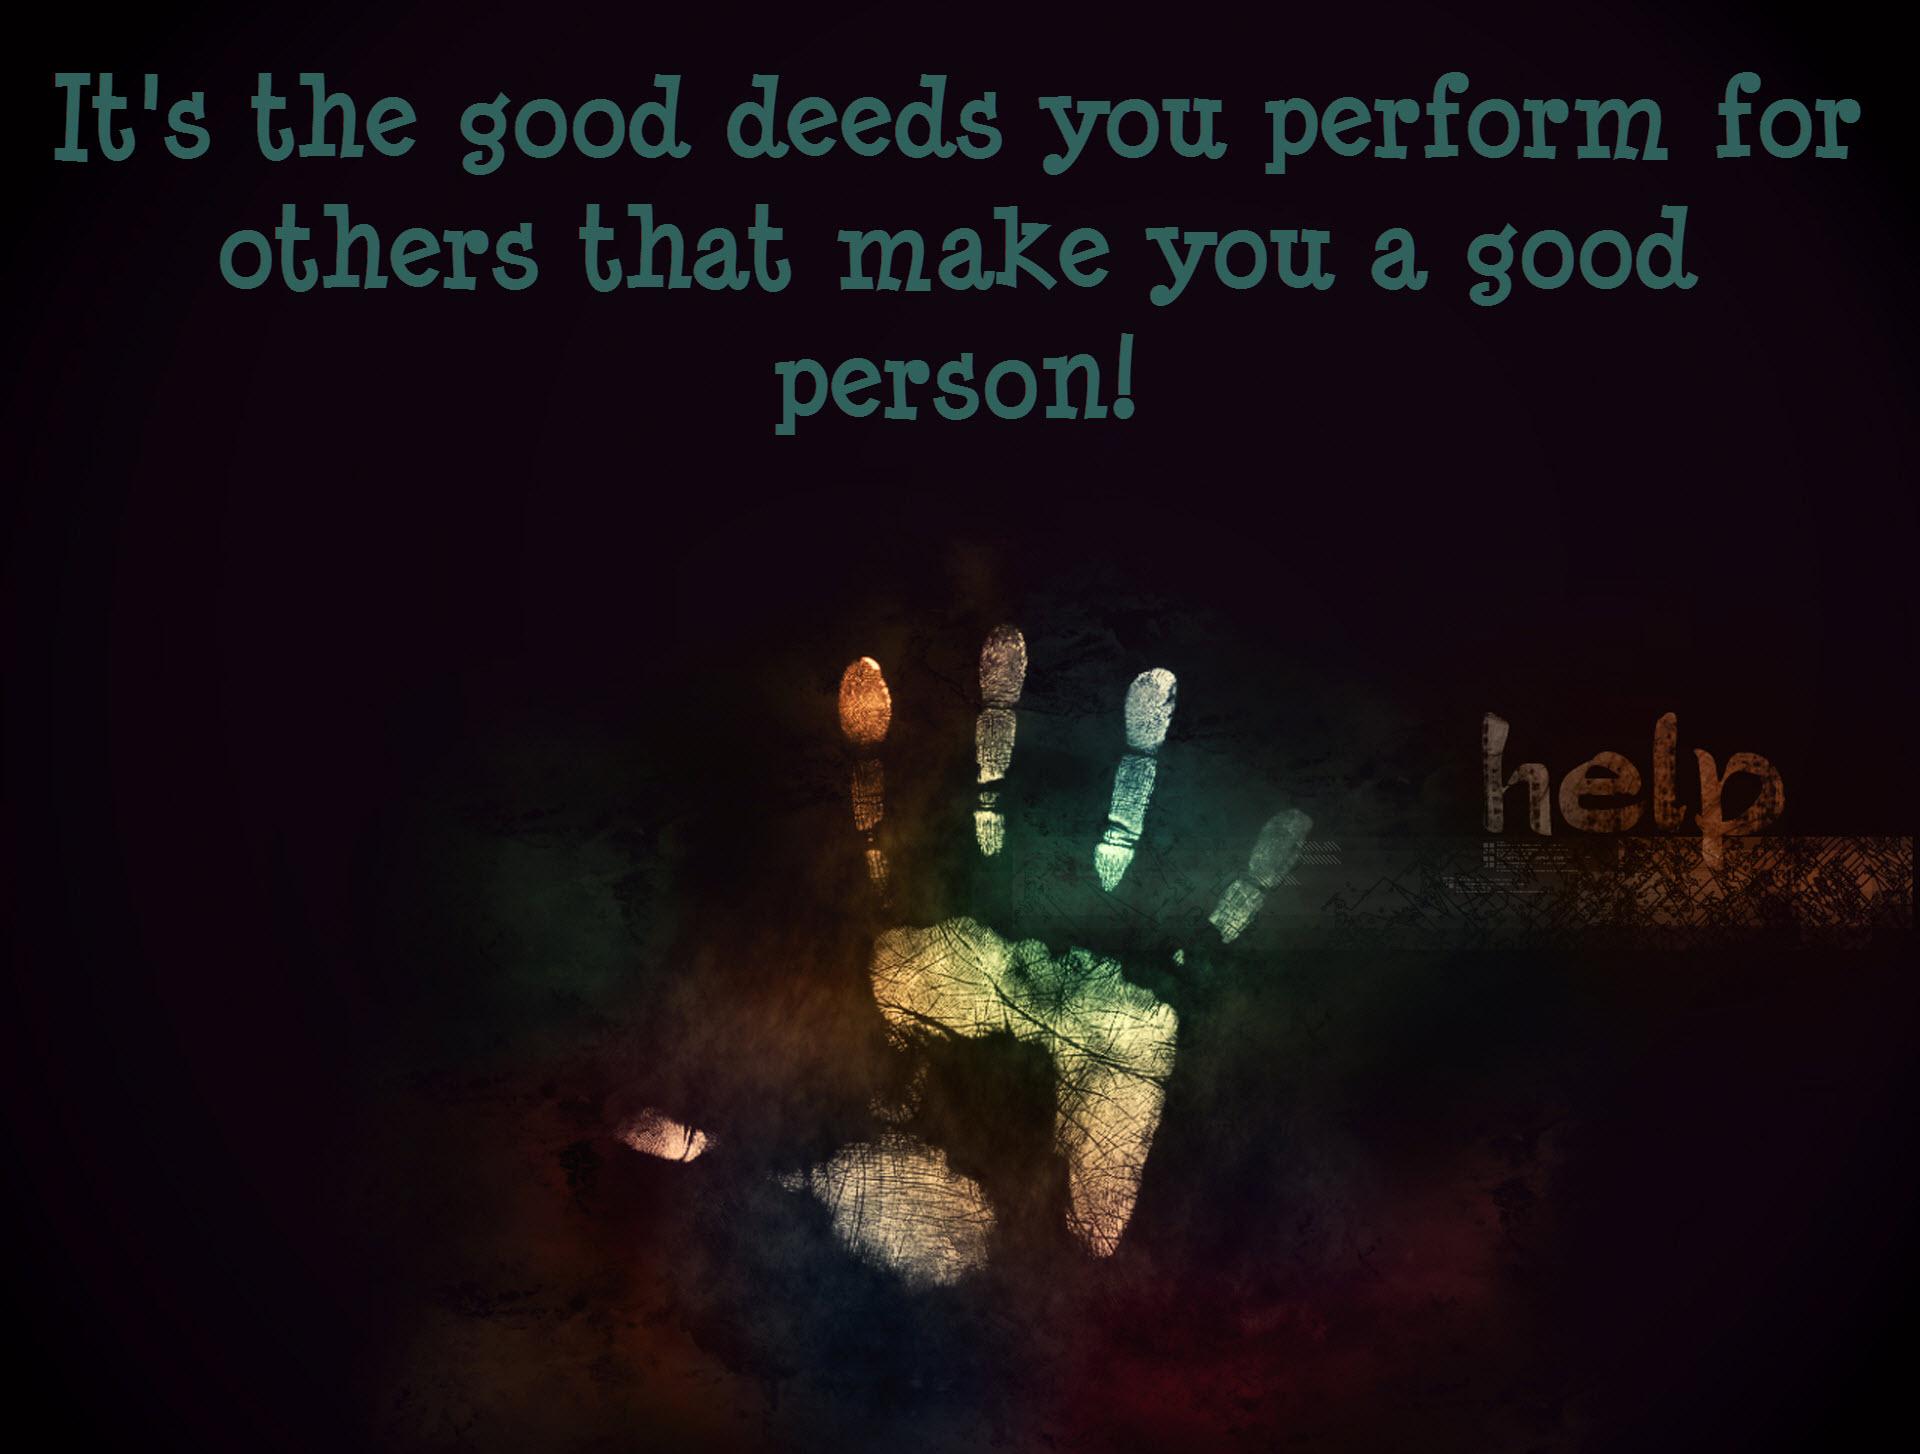 Good deeds never die